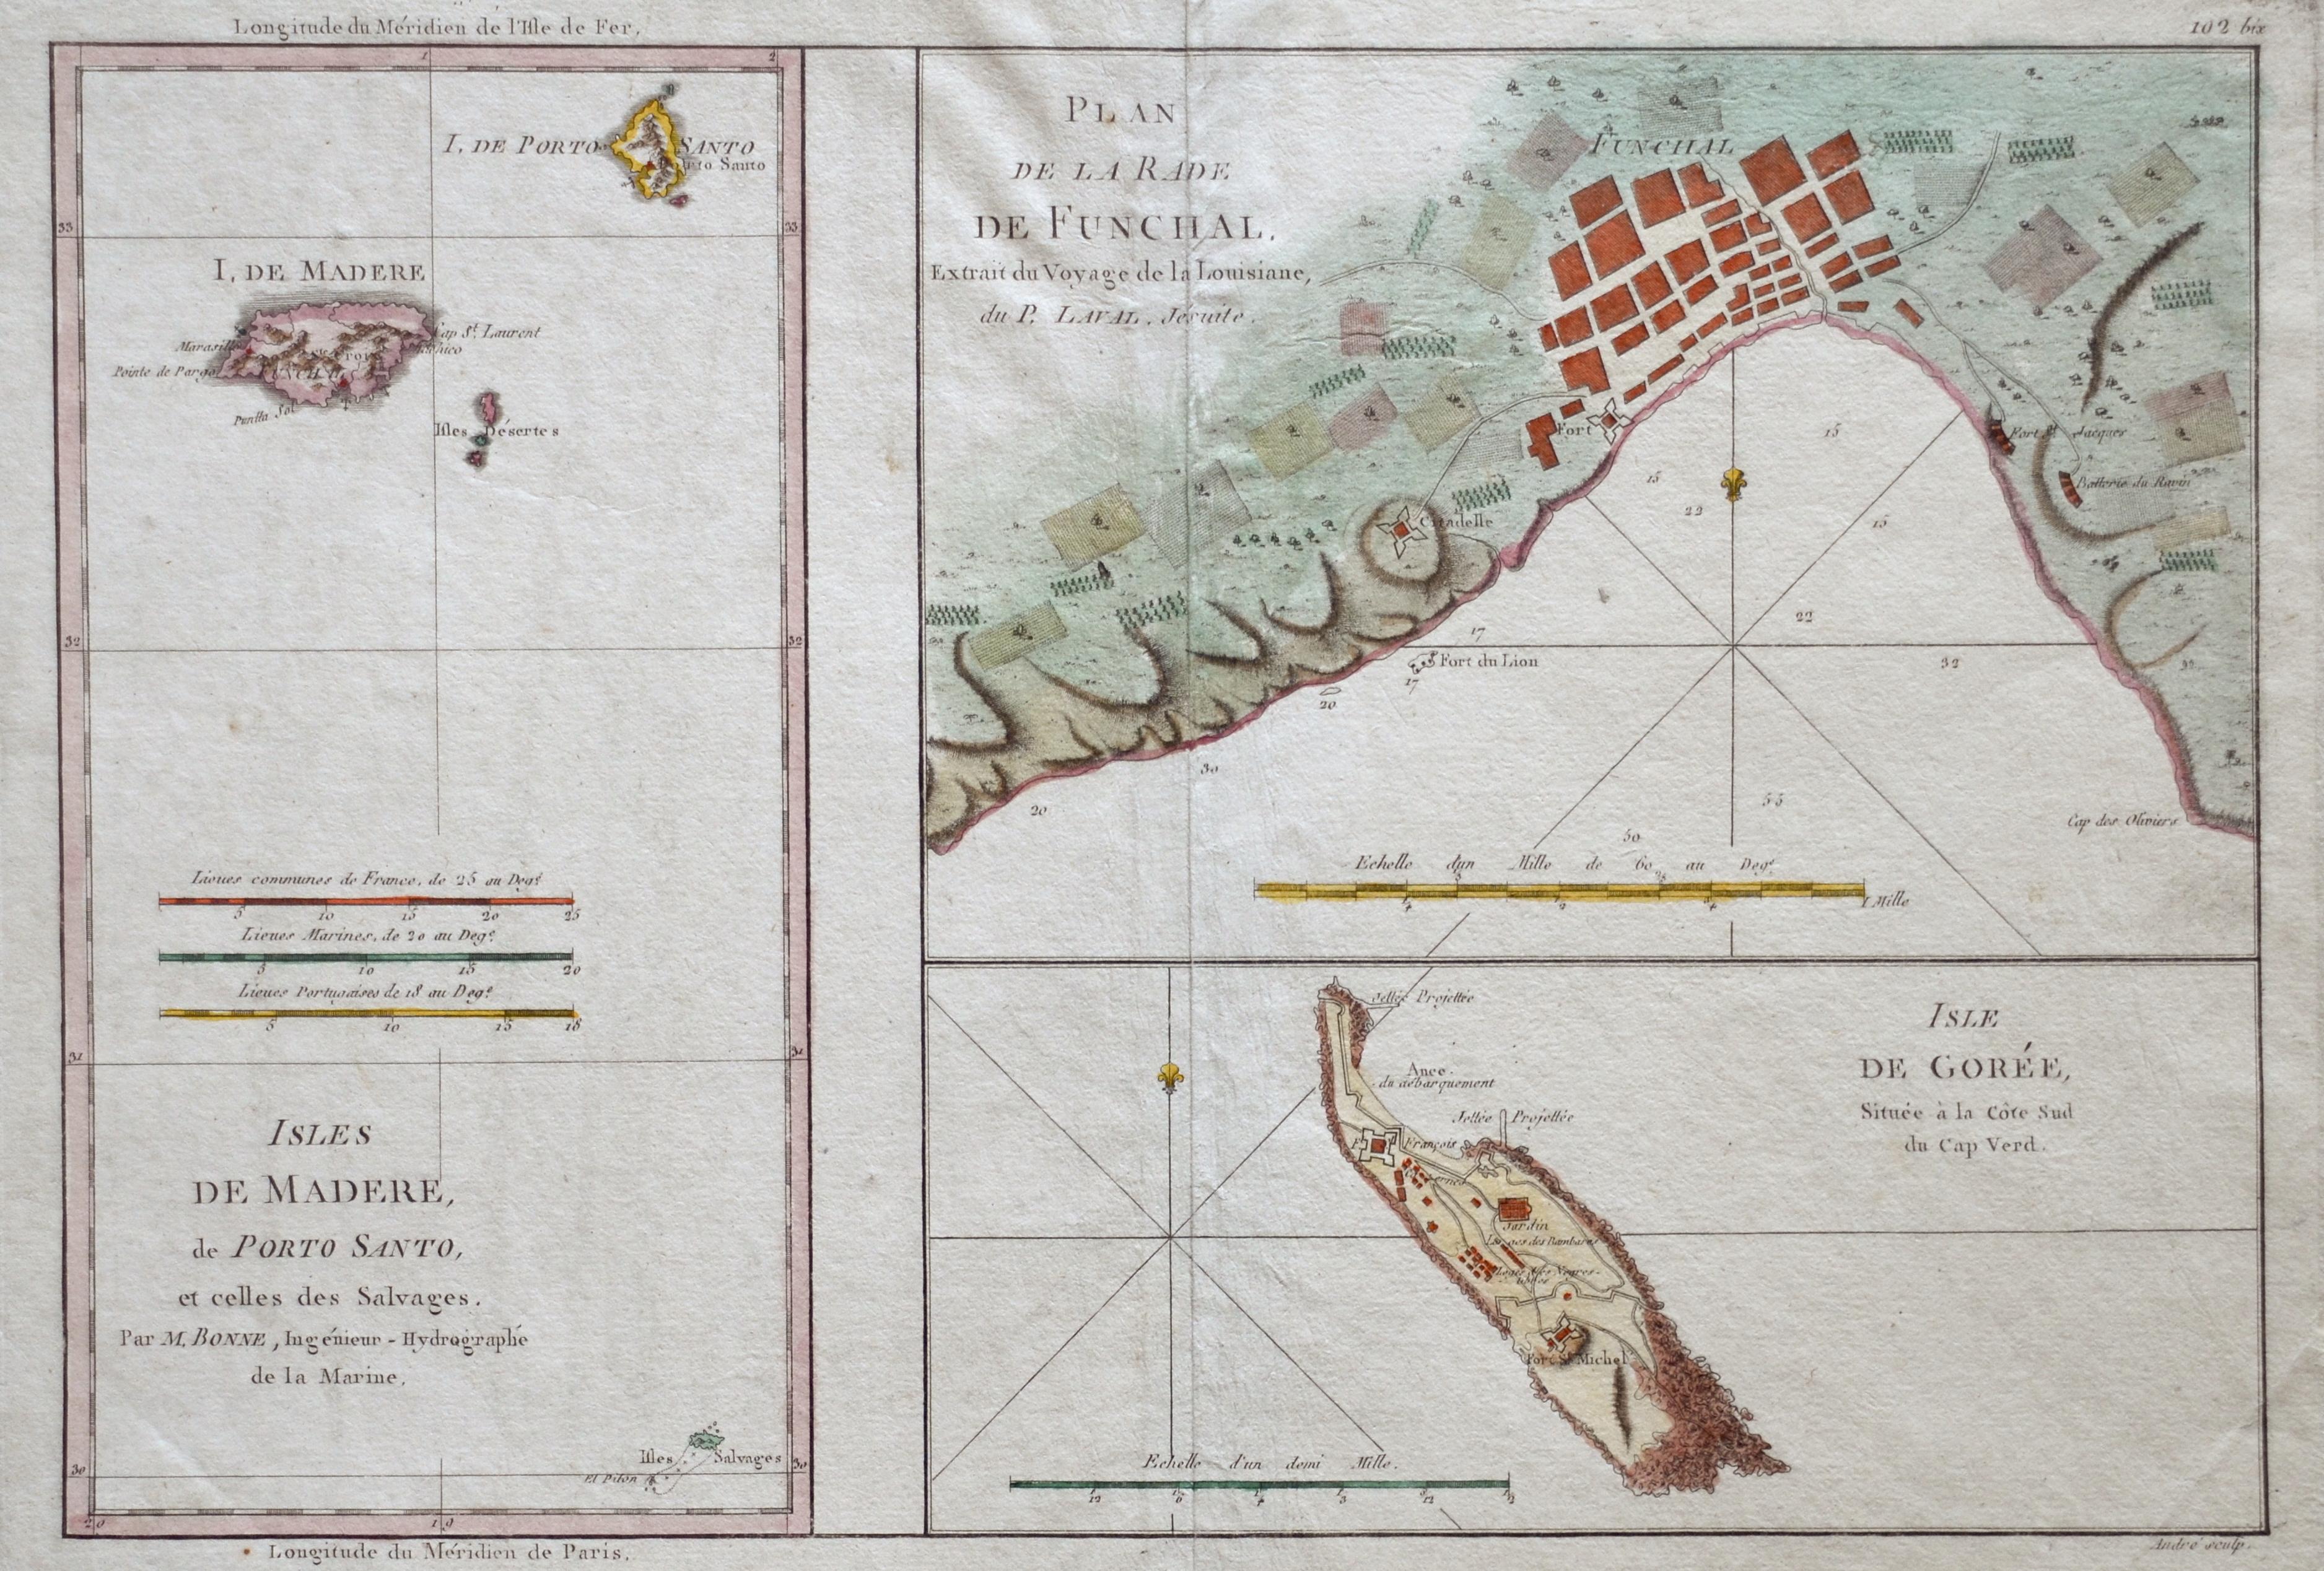 Bonne Rigobert Plan de la Rade de Funchal. / Isles de Madere, de Porto Santo,.. / Isle de Gorée